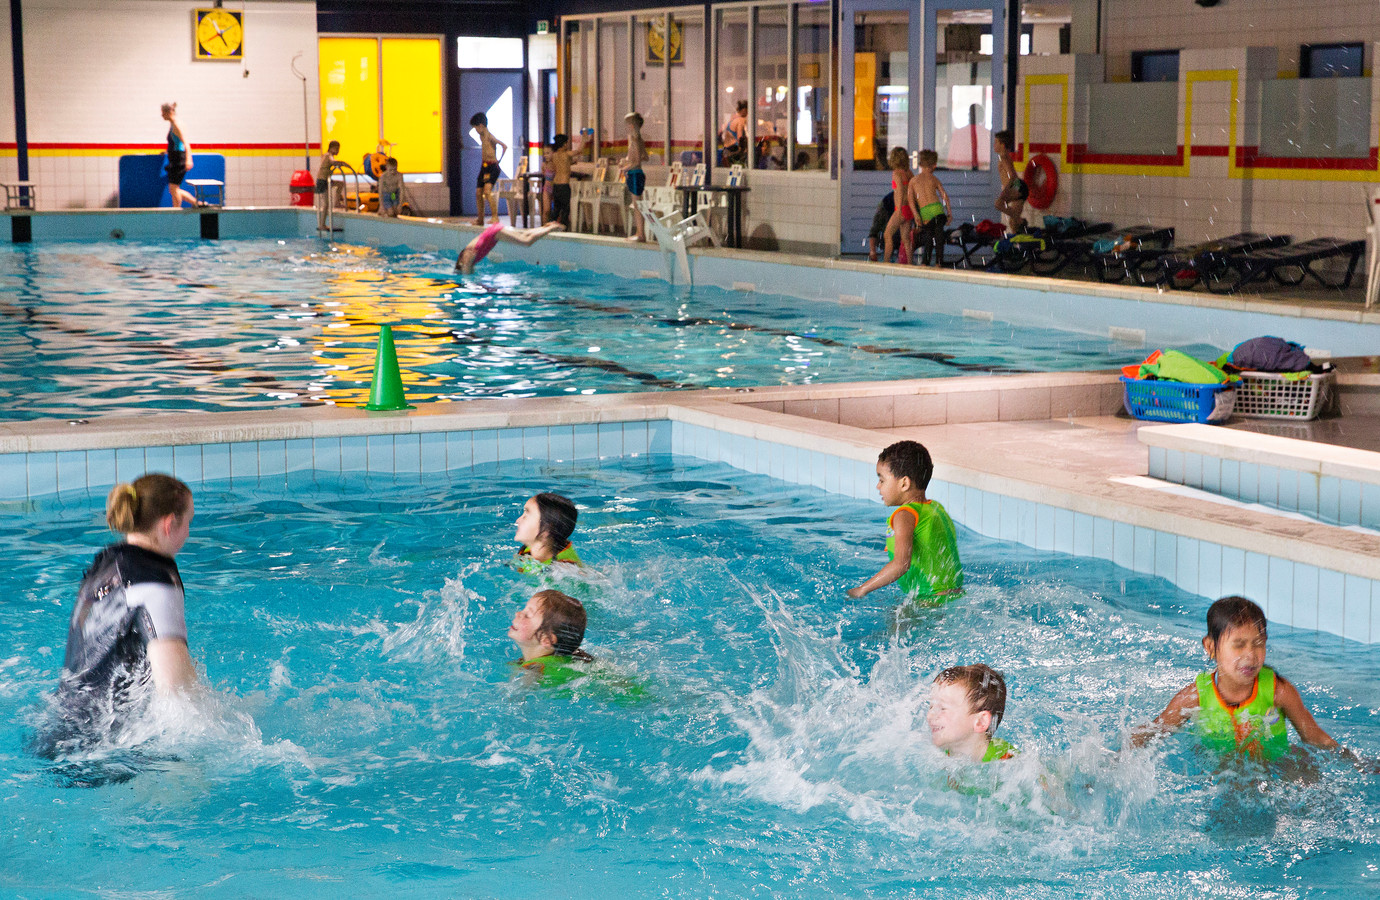 Zwemles in De Smelen in Geldrop. Een archieffoto uit 2017.